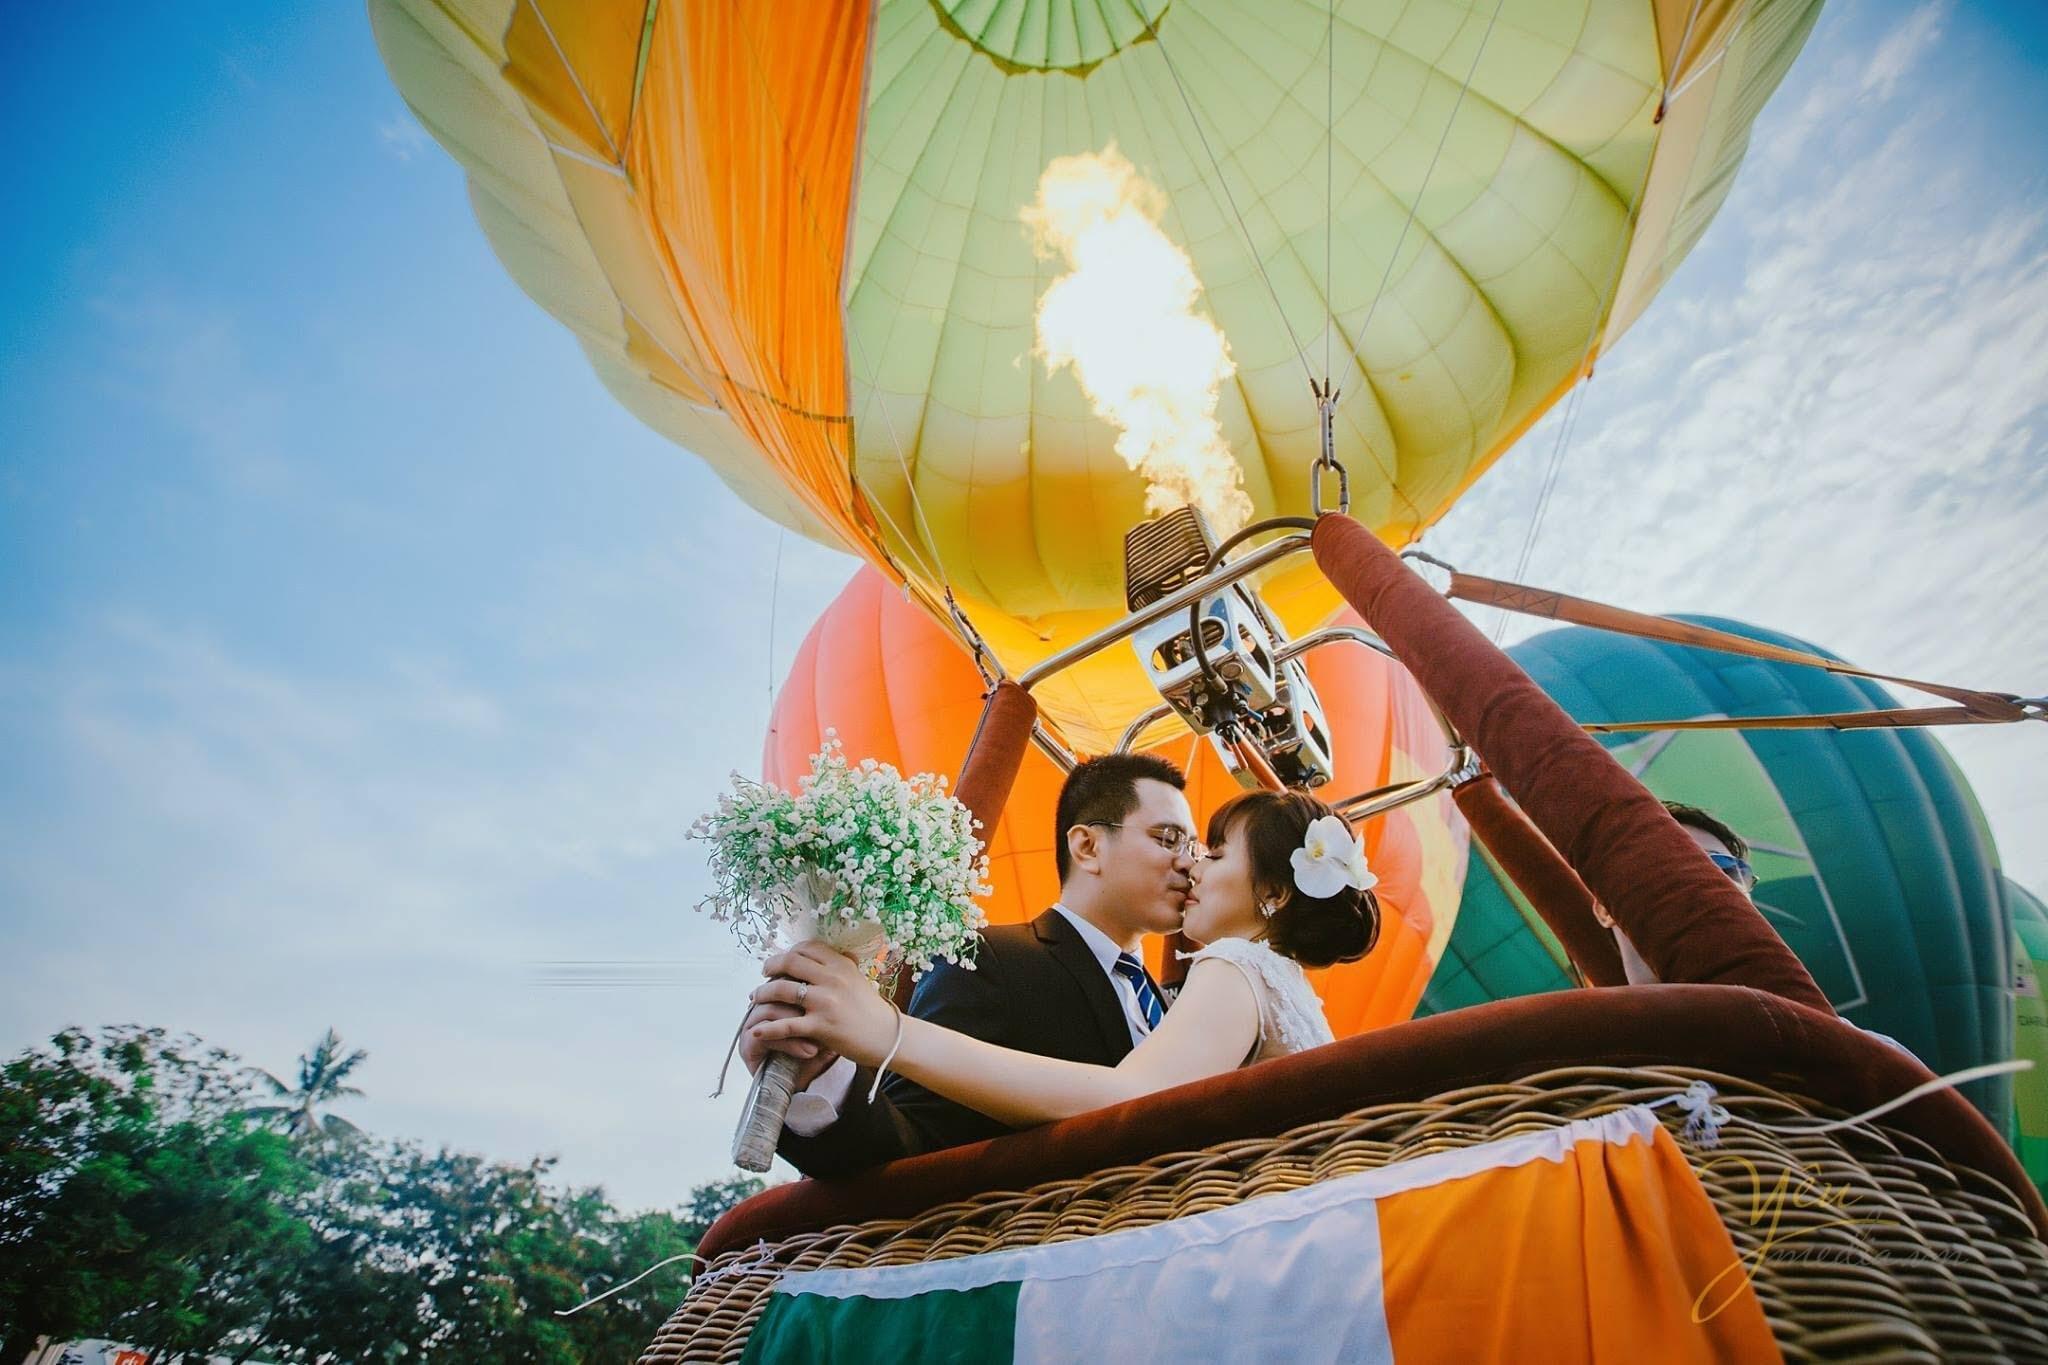 Ảnh cưới chụp hình cùng khinh khí cầu đẹp lãng mạn